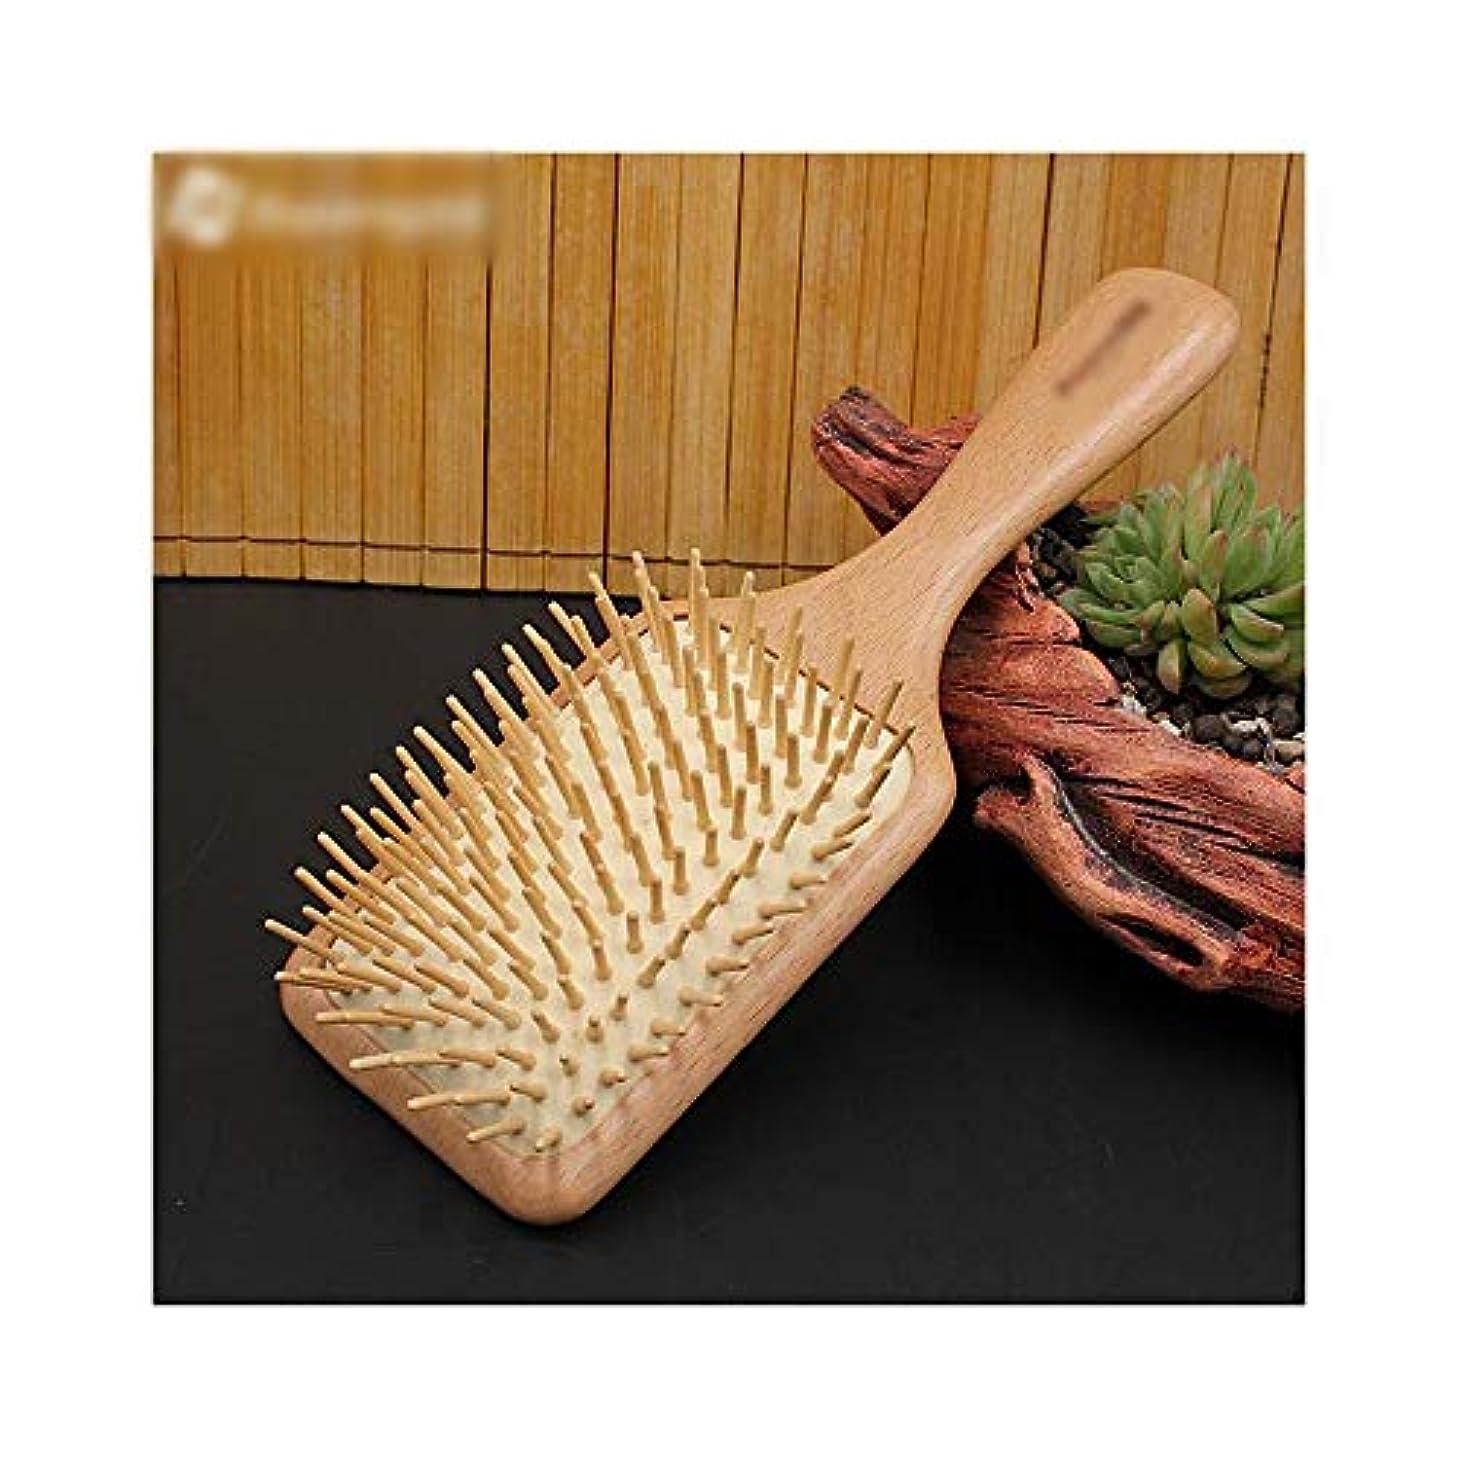 お手入れ権限本質的ではないFashian木製ヘアブラシ、ブナくしエアバッグマッサージくし木製ヘアブラシ ヘアケア (色 : Square)